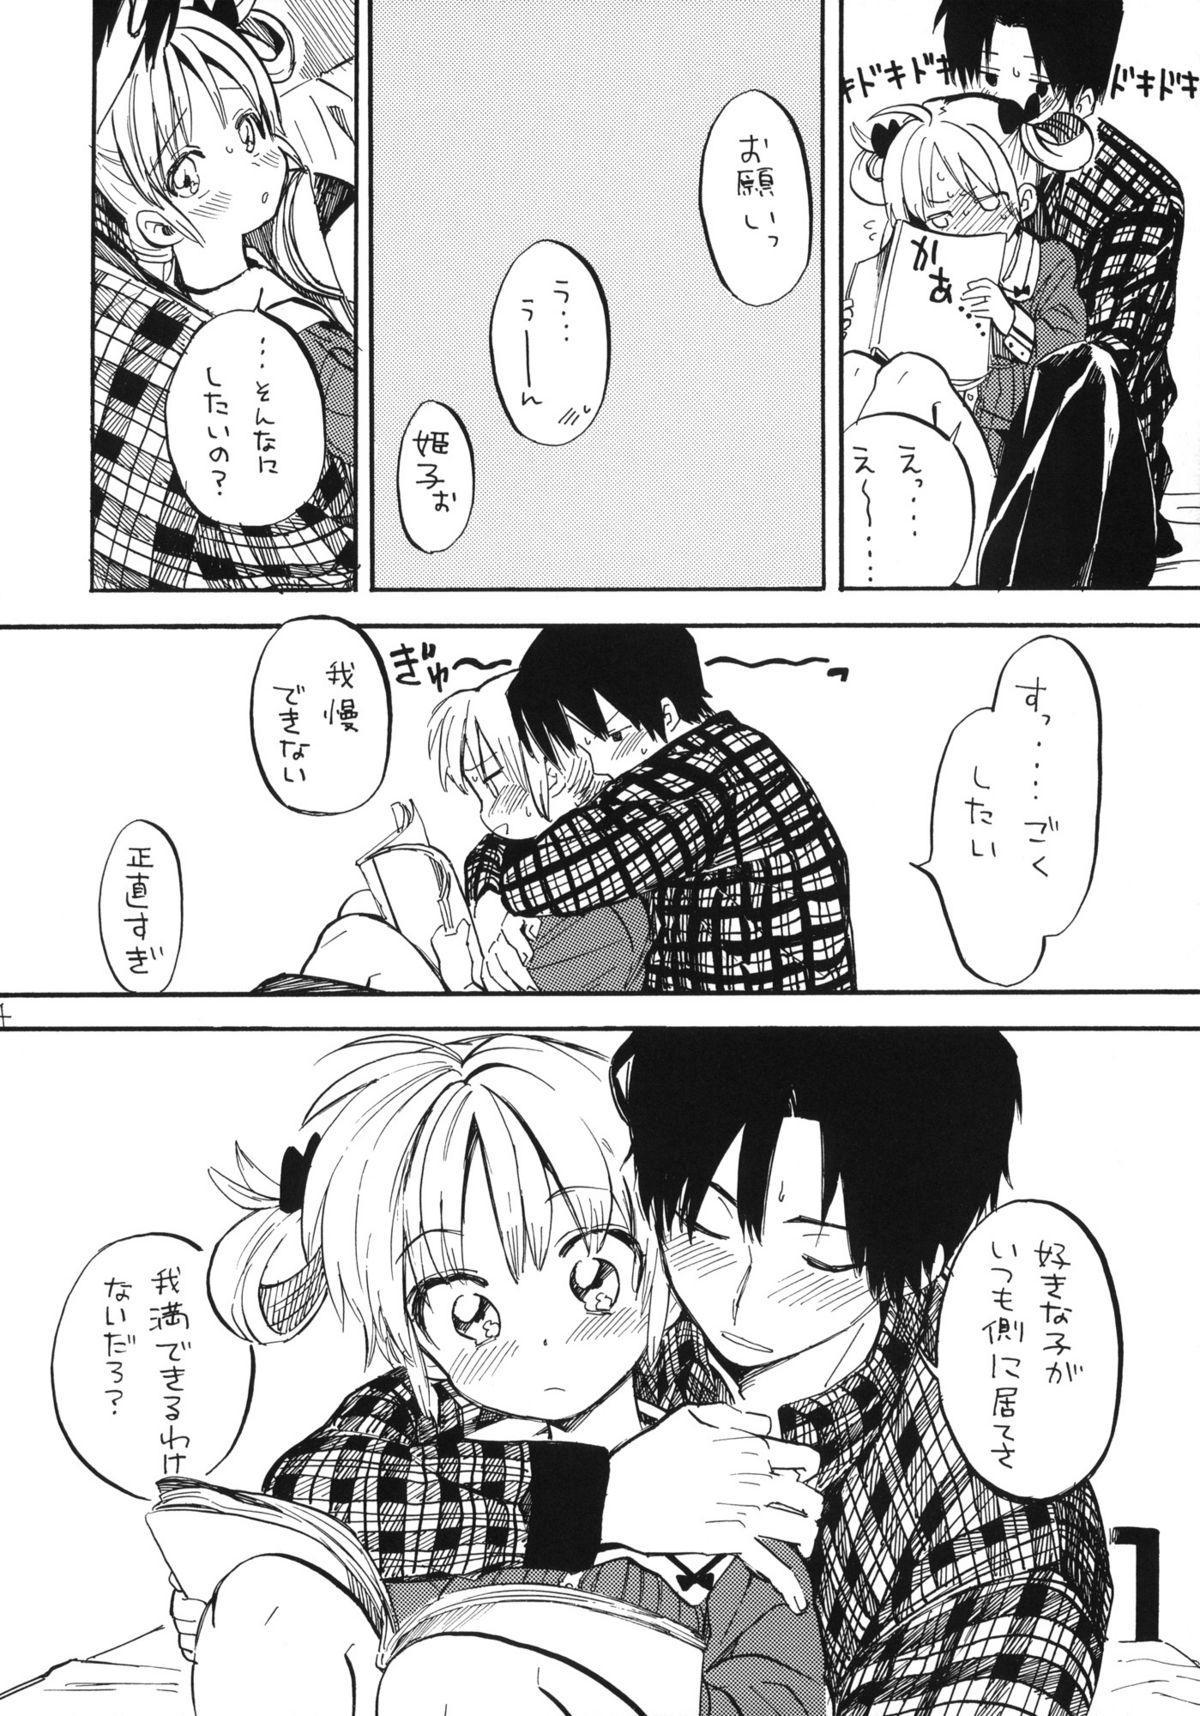 Himeko-chan ni Onegai desu 2